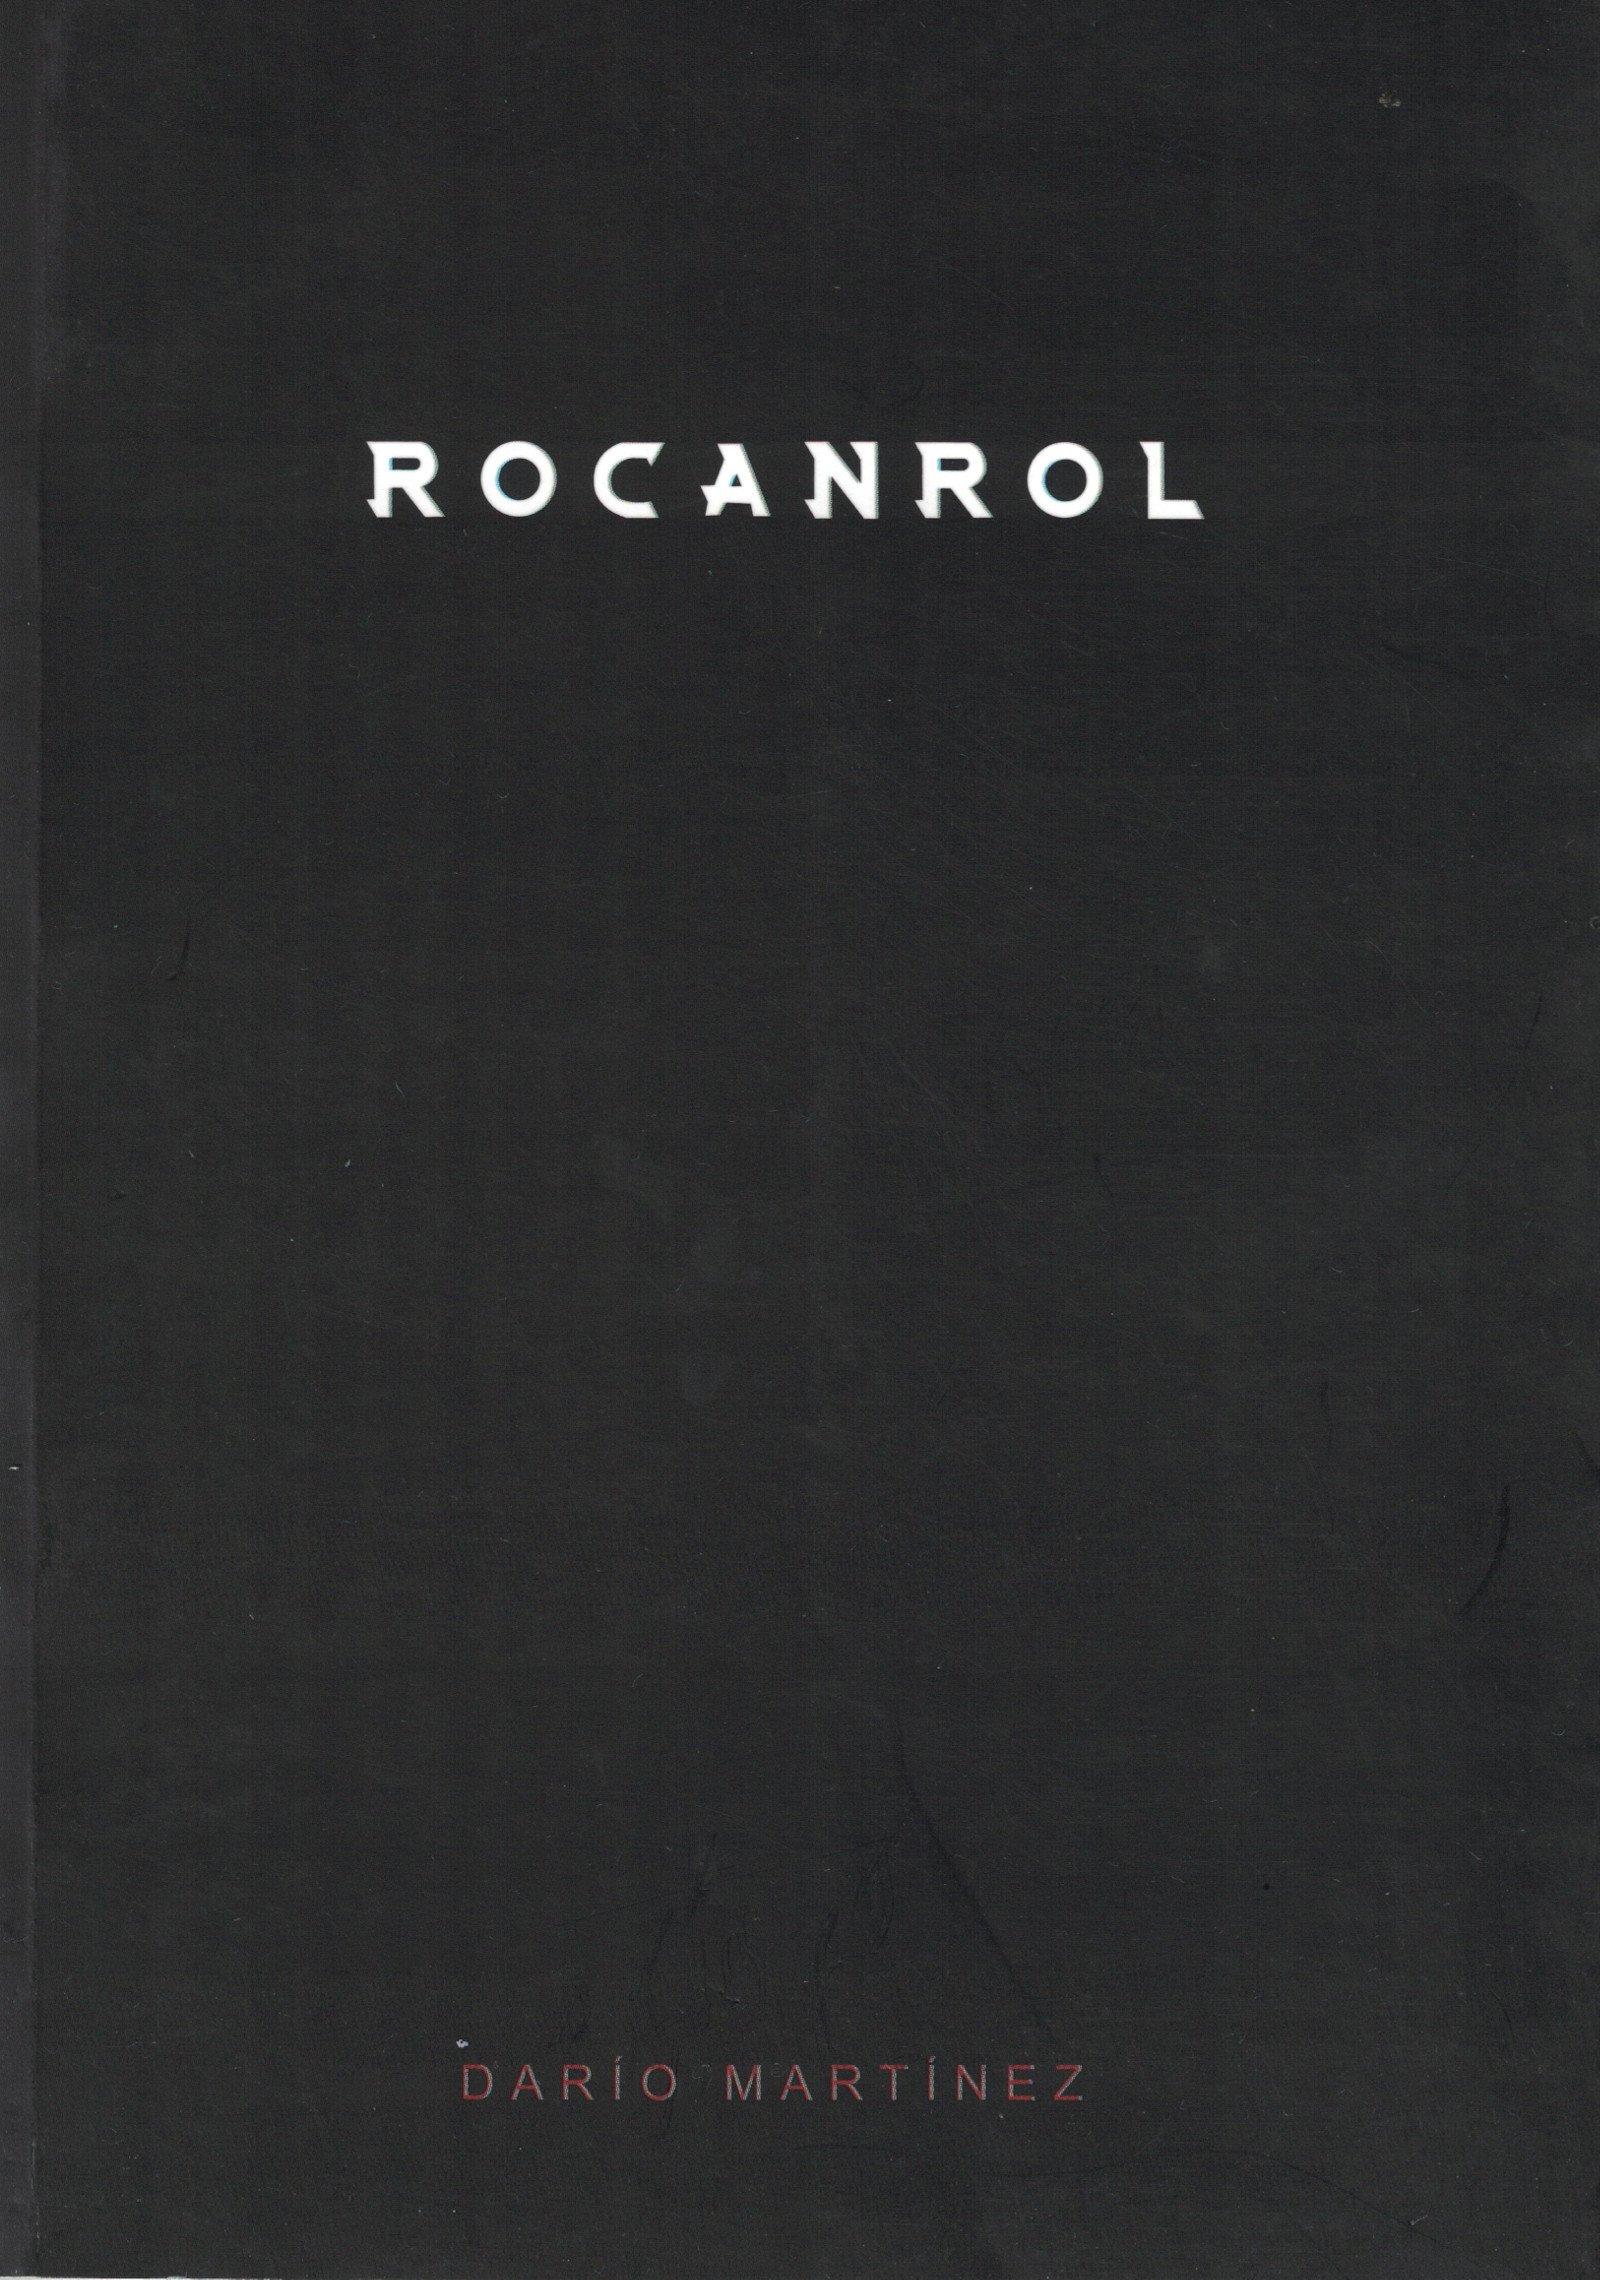 Tapa del Libro: Rocanrol de Darío Martínez